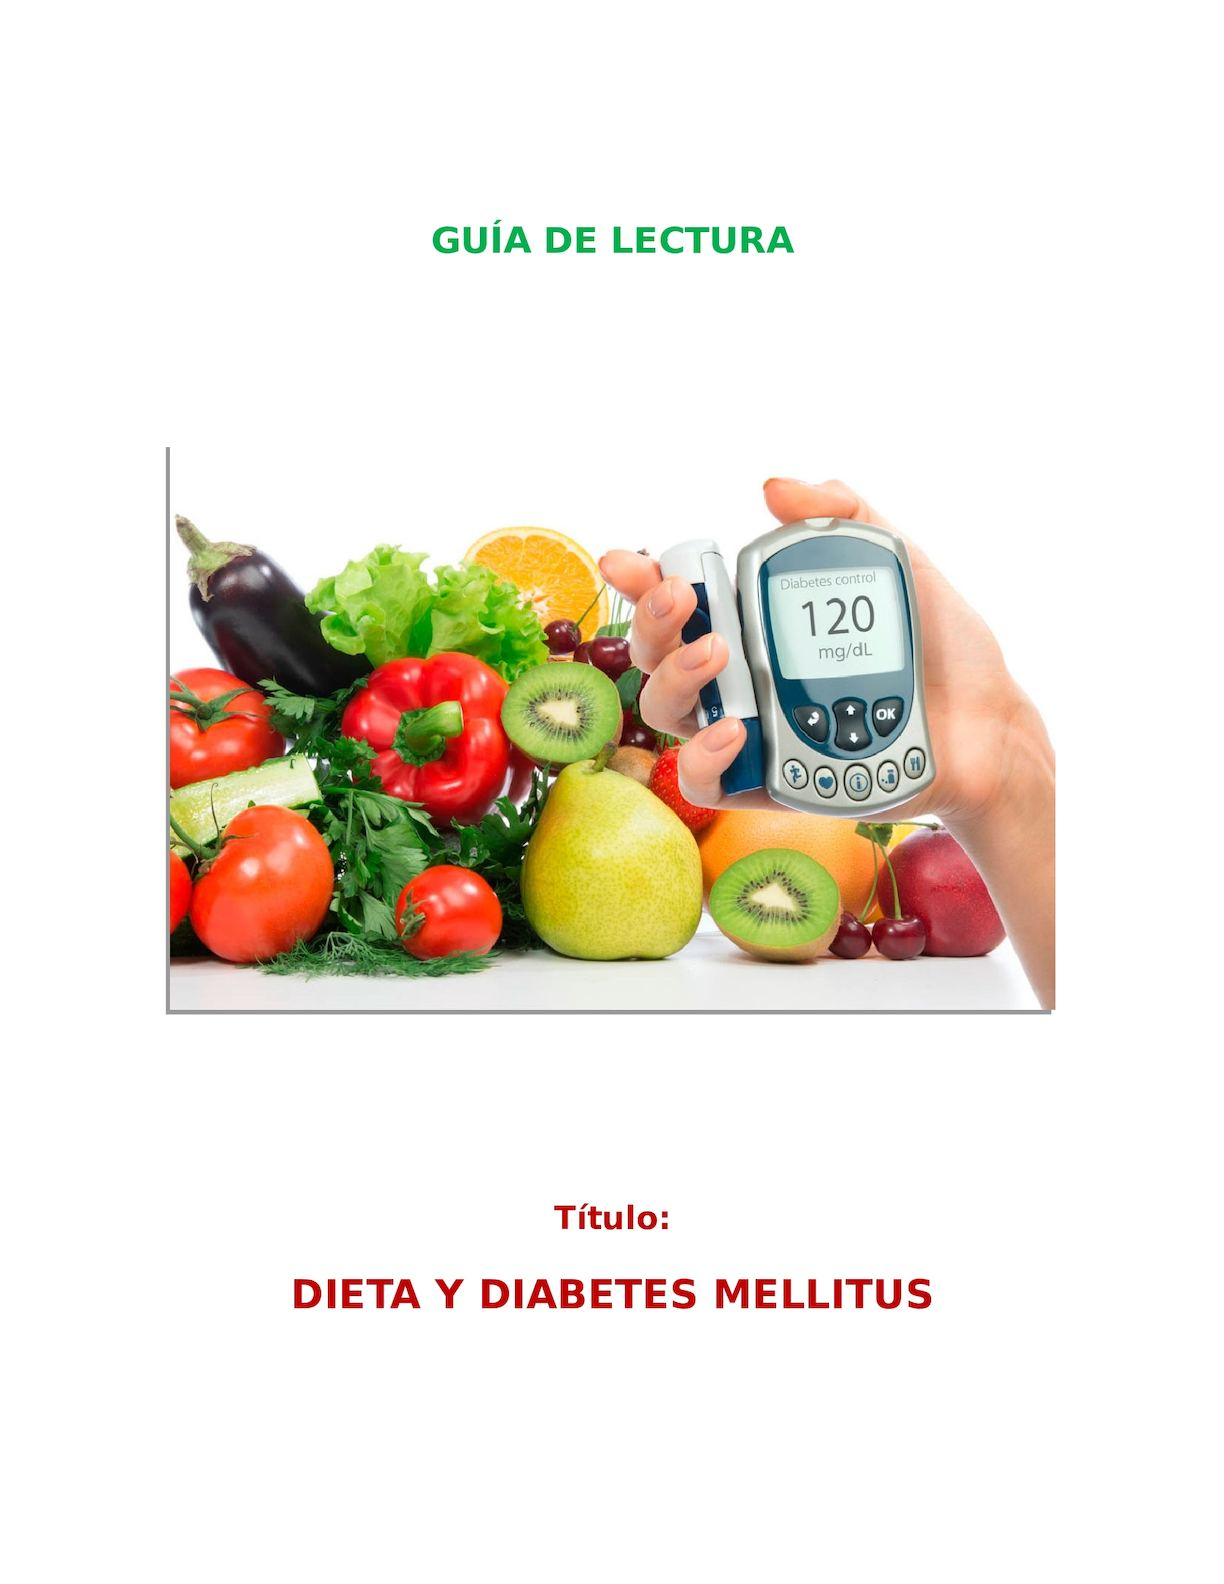 ¿Puede la diabetes gestacional ser hereditaria?